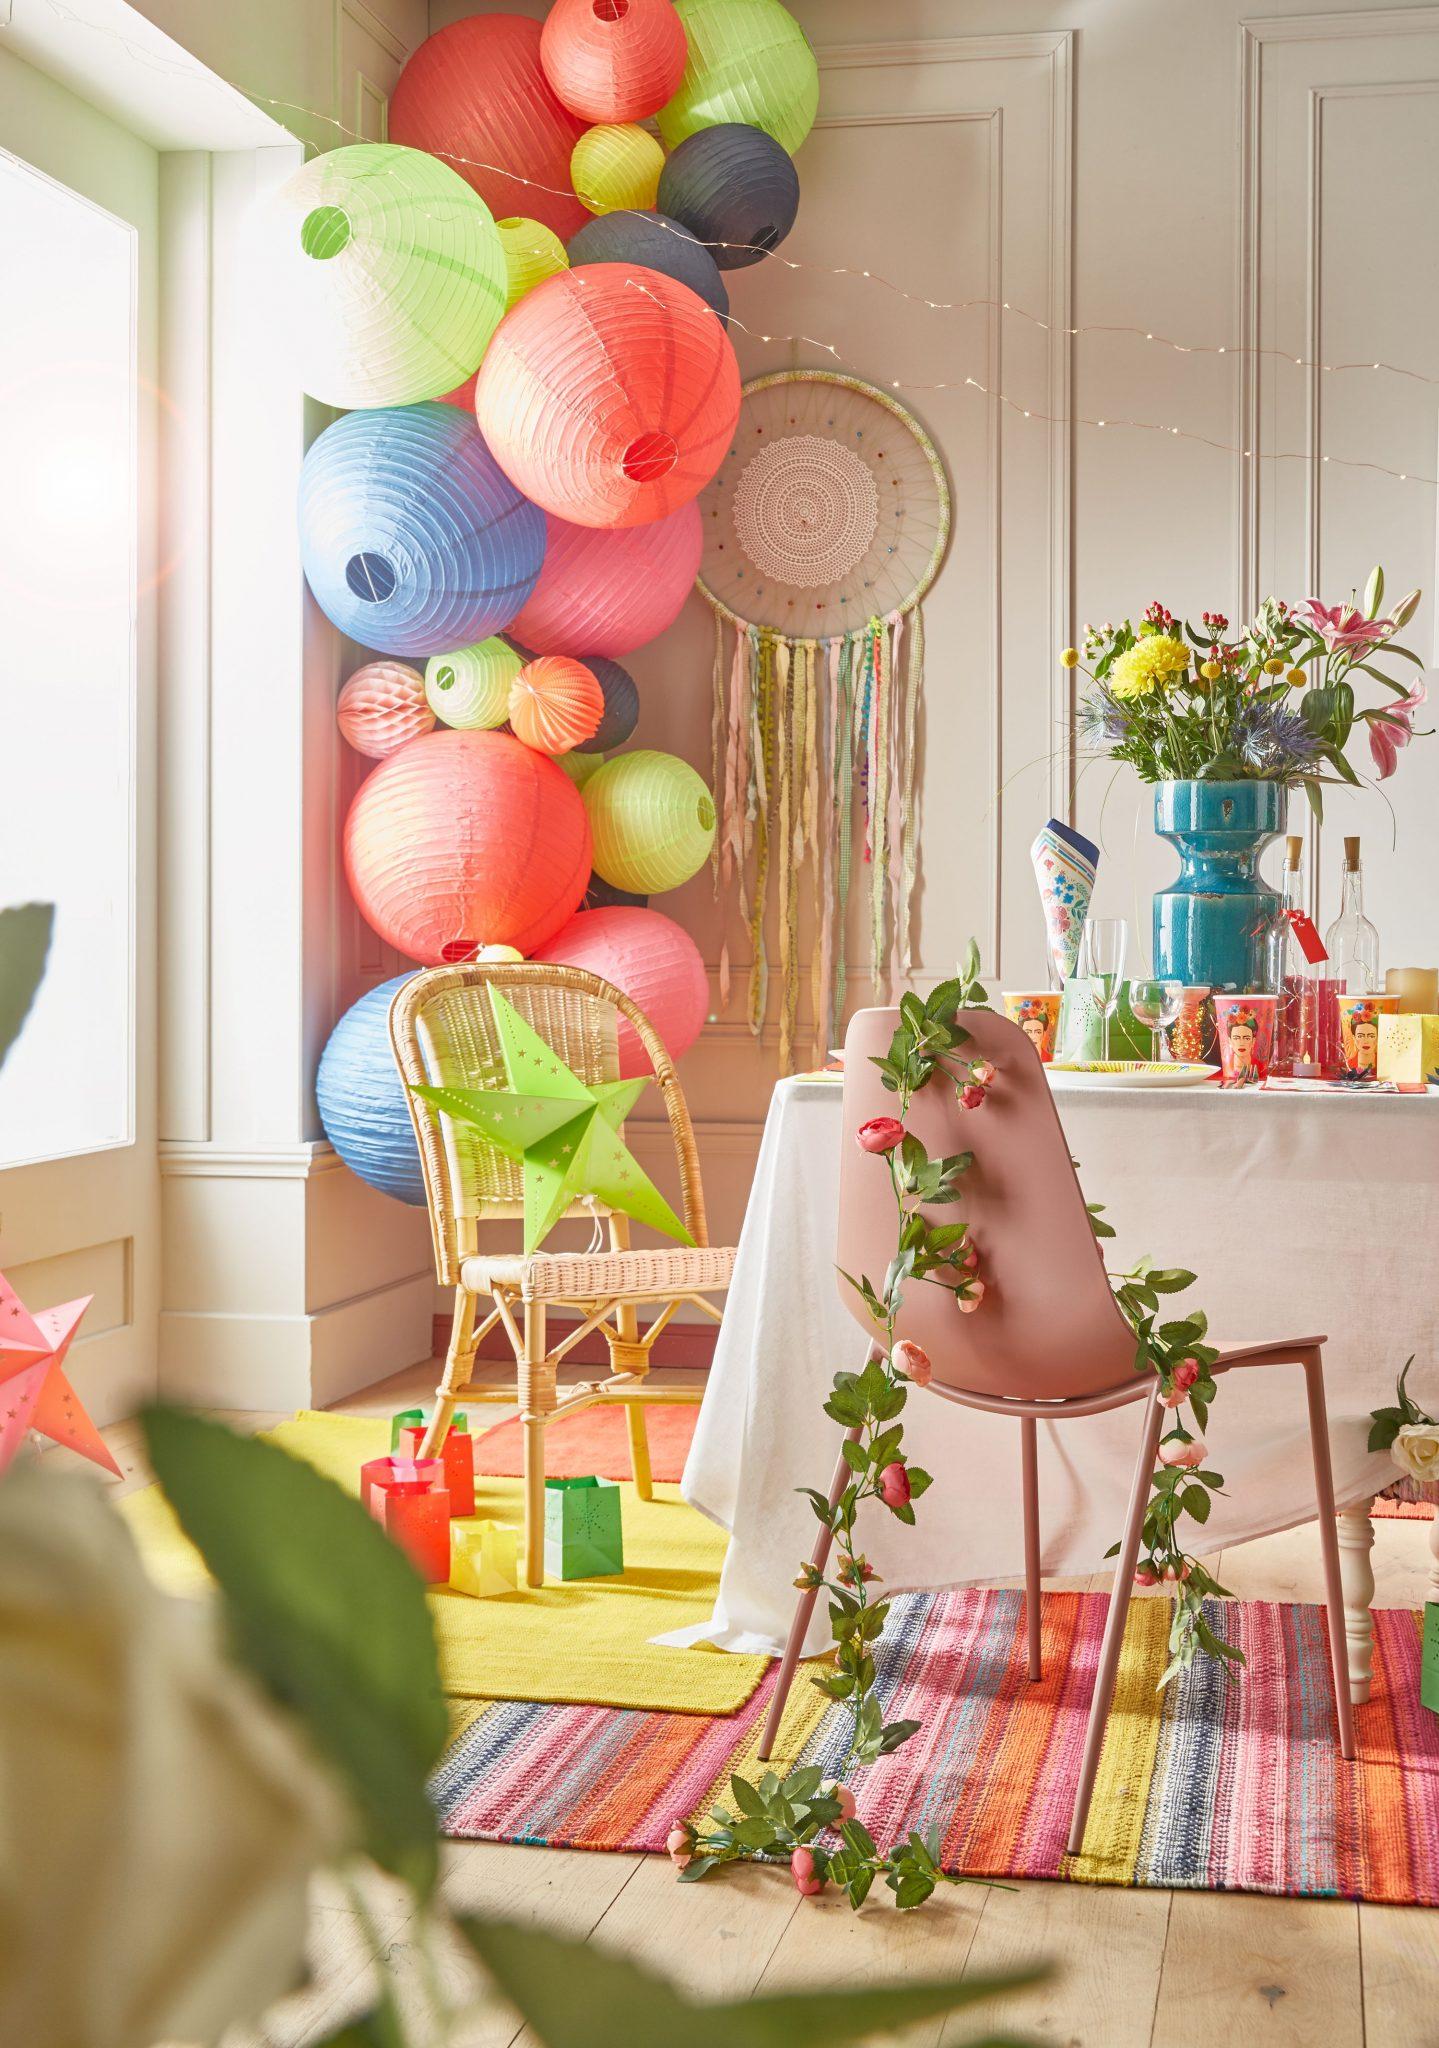 tendance déco noel 2019 2018 boules papier fleurs couleurs tapis